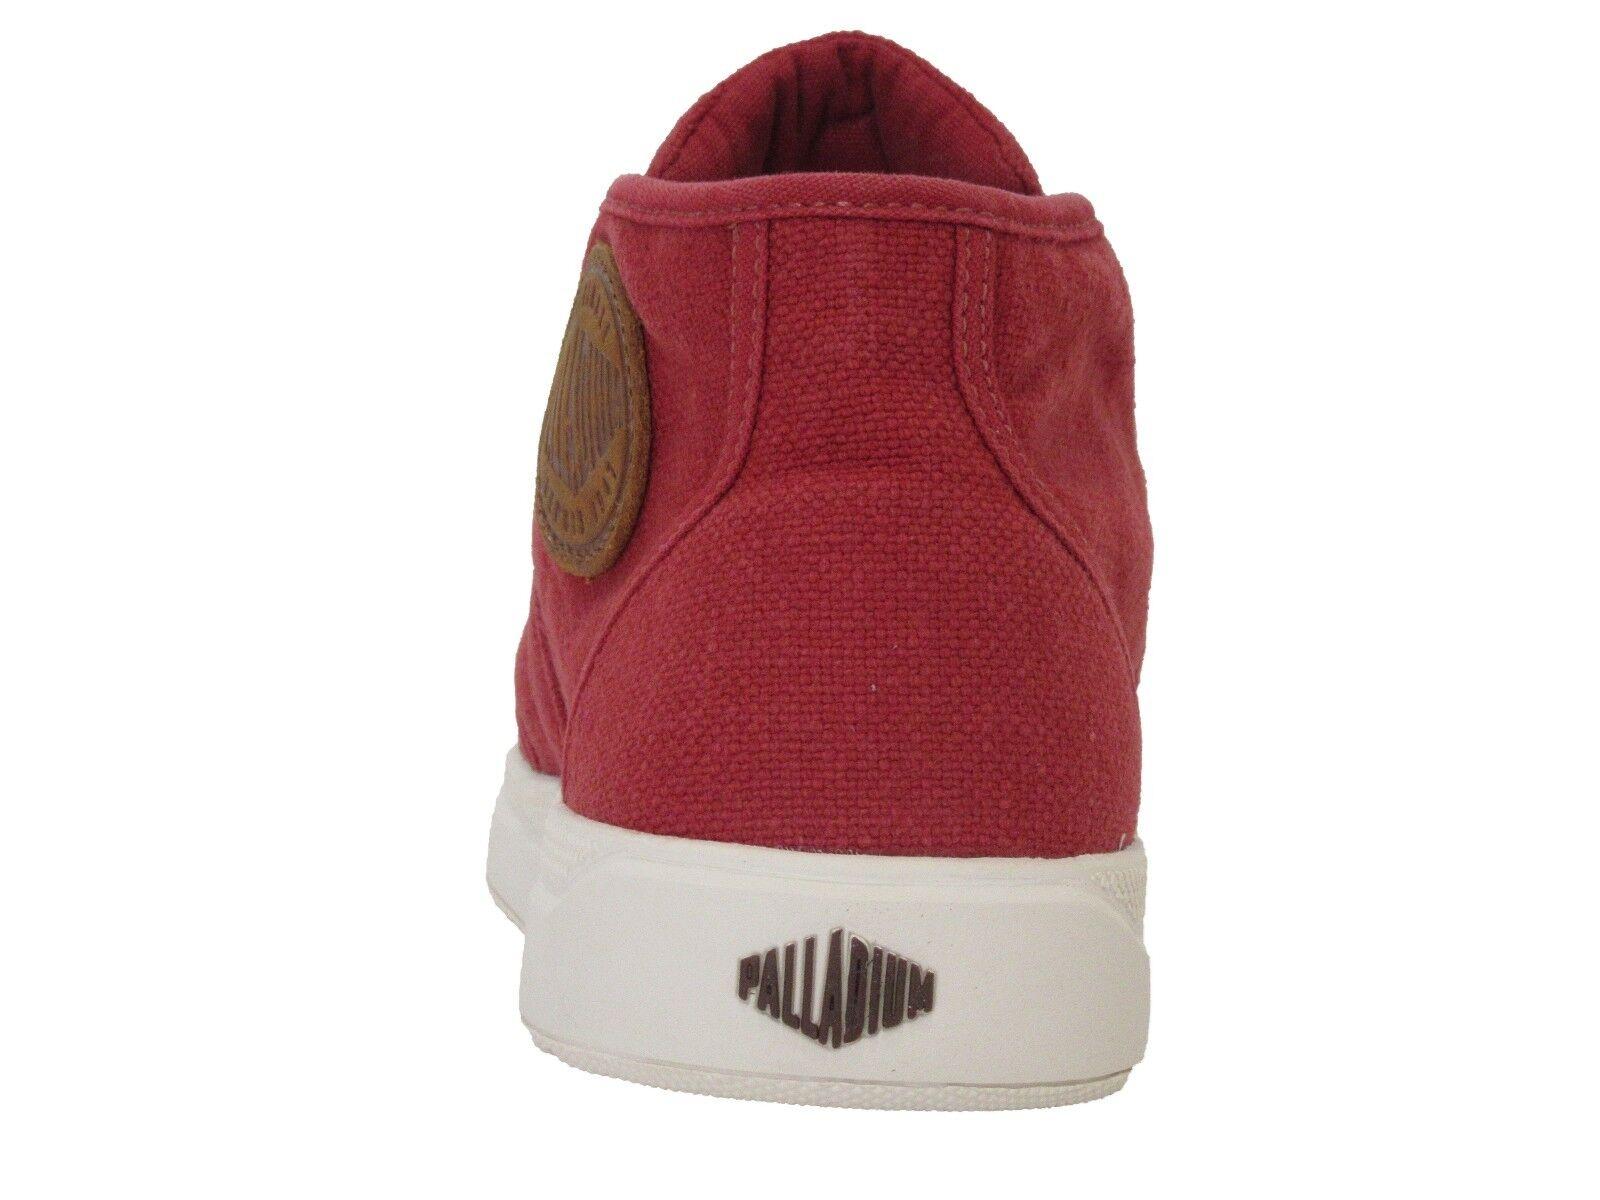 Palladium Pallarue Mid Lc Uomo Canvas  Shoes   Shoes 11.5 D(M)   / 45 EUR 159bbb